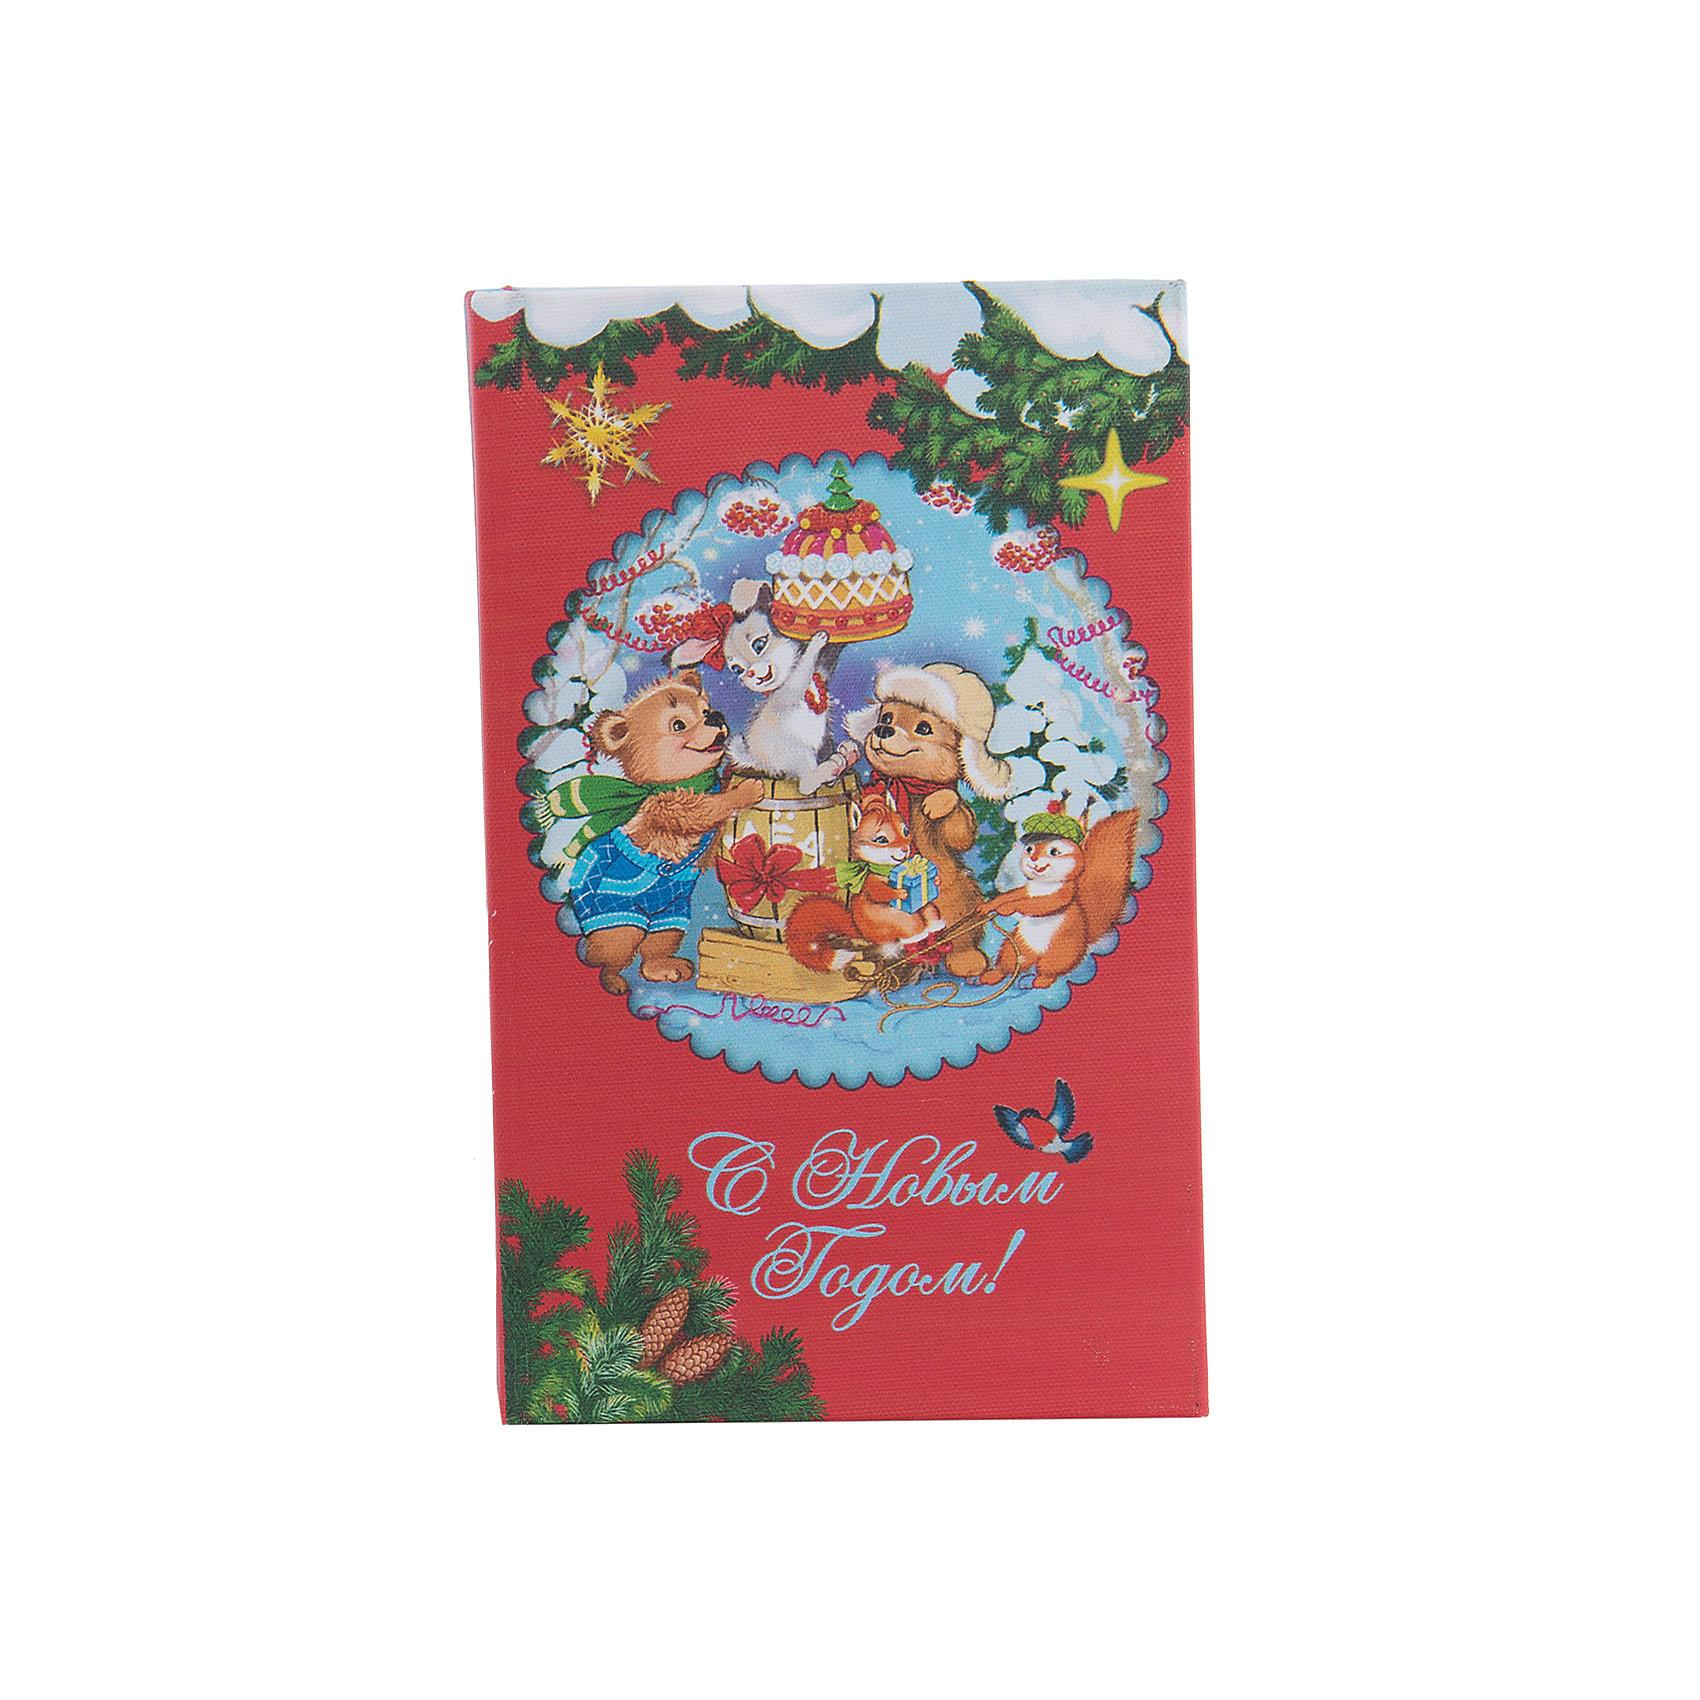 Шкатулка Лесные зверюшкиШкатулка Лесные зверюшки, Феникс-Презент, замечательно украсит Ваш новогодний интерьер и станет приятным сувениром для родных и друзей. Оригинальная шкатулка выполнена в форме книги и украшена красочным изображением очаровательных лесных зверюшек и новогодних украшений, закрывается на магнит. Симпатичный сувенир порадует и взрослых и детей и прекрасно подойдет для хранения мелочей и украшений.<br><br>Дополнительная информация:<br><br>- Материал: дерево (МДФ). <br>- Размер шкатулки: 17 х 11 х 5 см.<br>- Размер упаковки: 18 x 12 x 6 см.<br>- Вес: 0,307 кг. <br><br>Шкатулку Лесные зверюшки, Феникс-Презент, можно купить в нашем интернет-магазине.<br><br>Ширина мм: 60<br>Глубина мм: 120<br>Высота мм: 180<br>Вес г: 307<br>Возраст от месяцев: 36<br>Возраст до месяцев: 2147483647<br>Пол: Унисекс<br>Возраст: Детский<br>SKU: 4276551